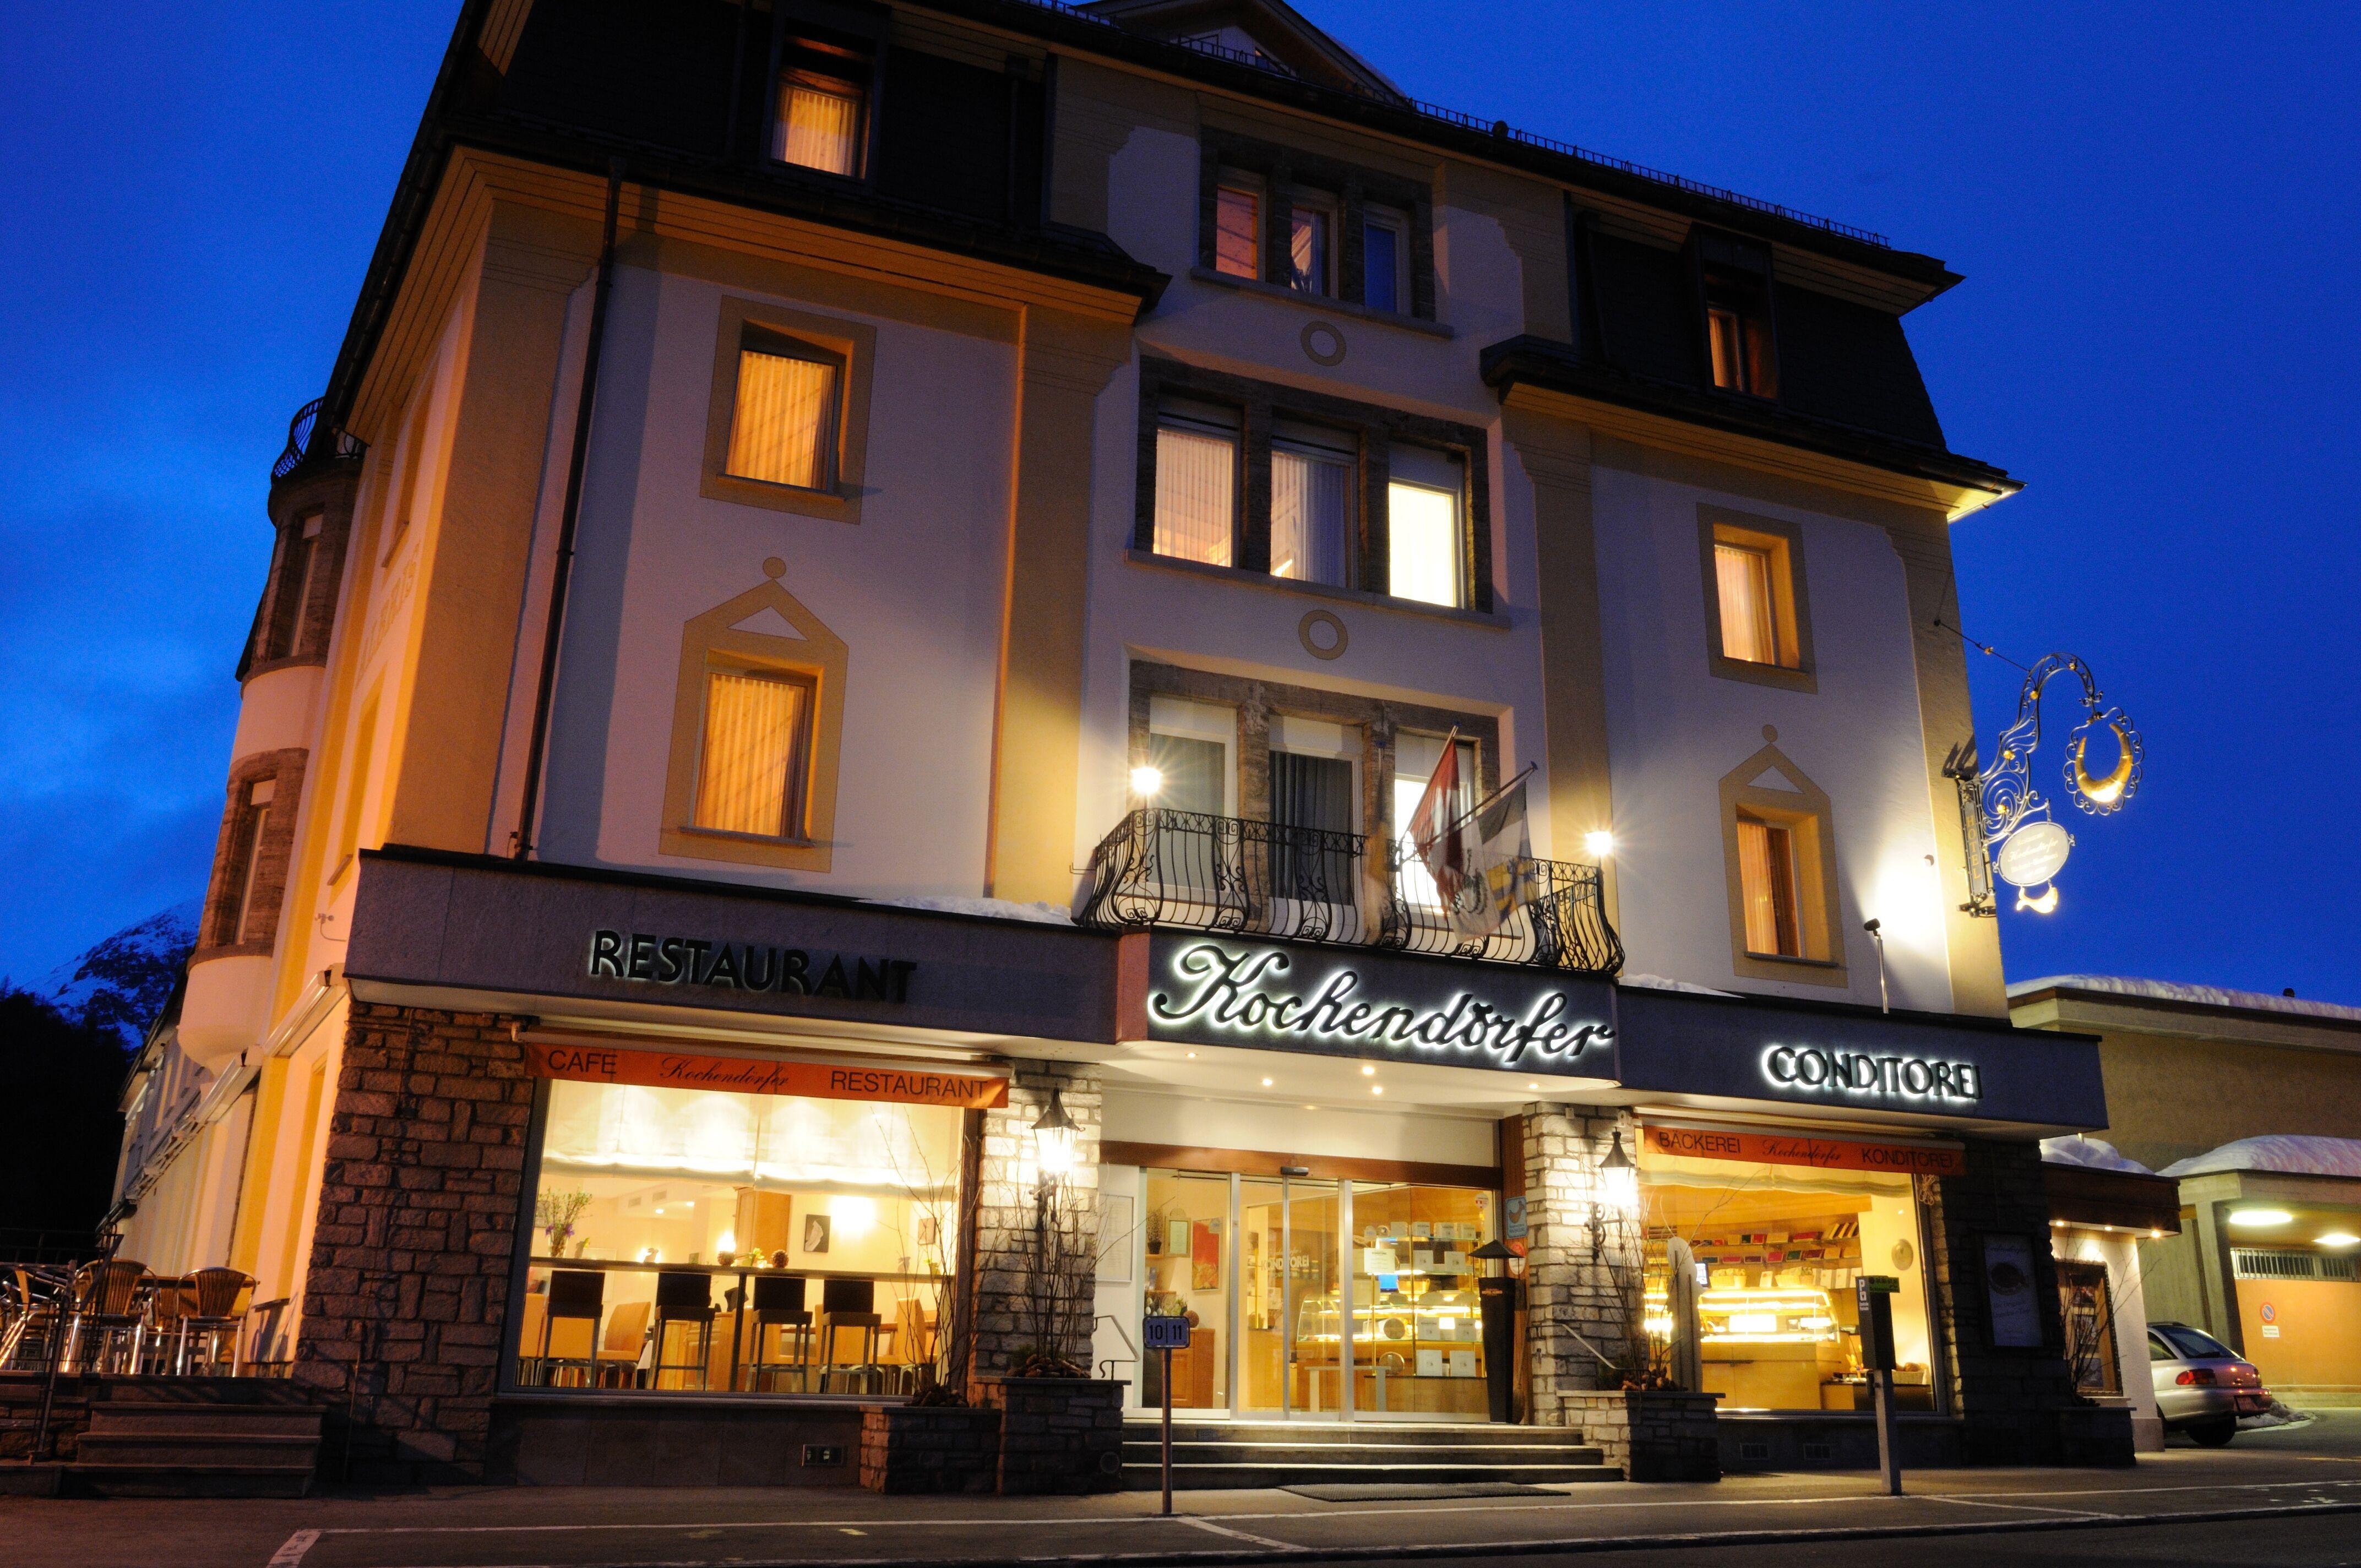 Kochendörfer's Hotel Albris Slide 1